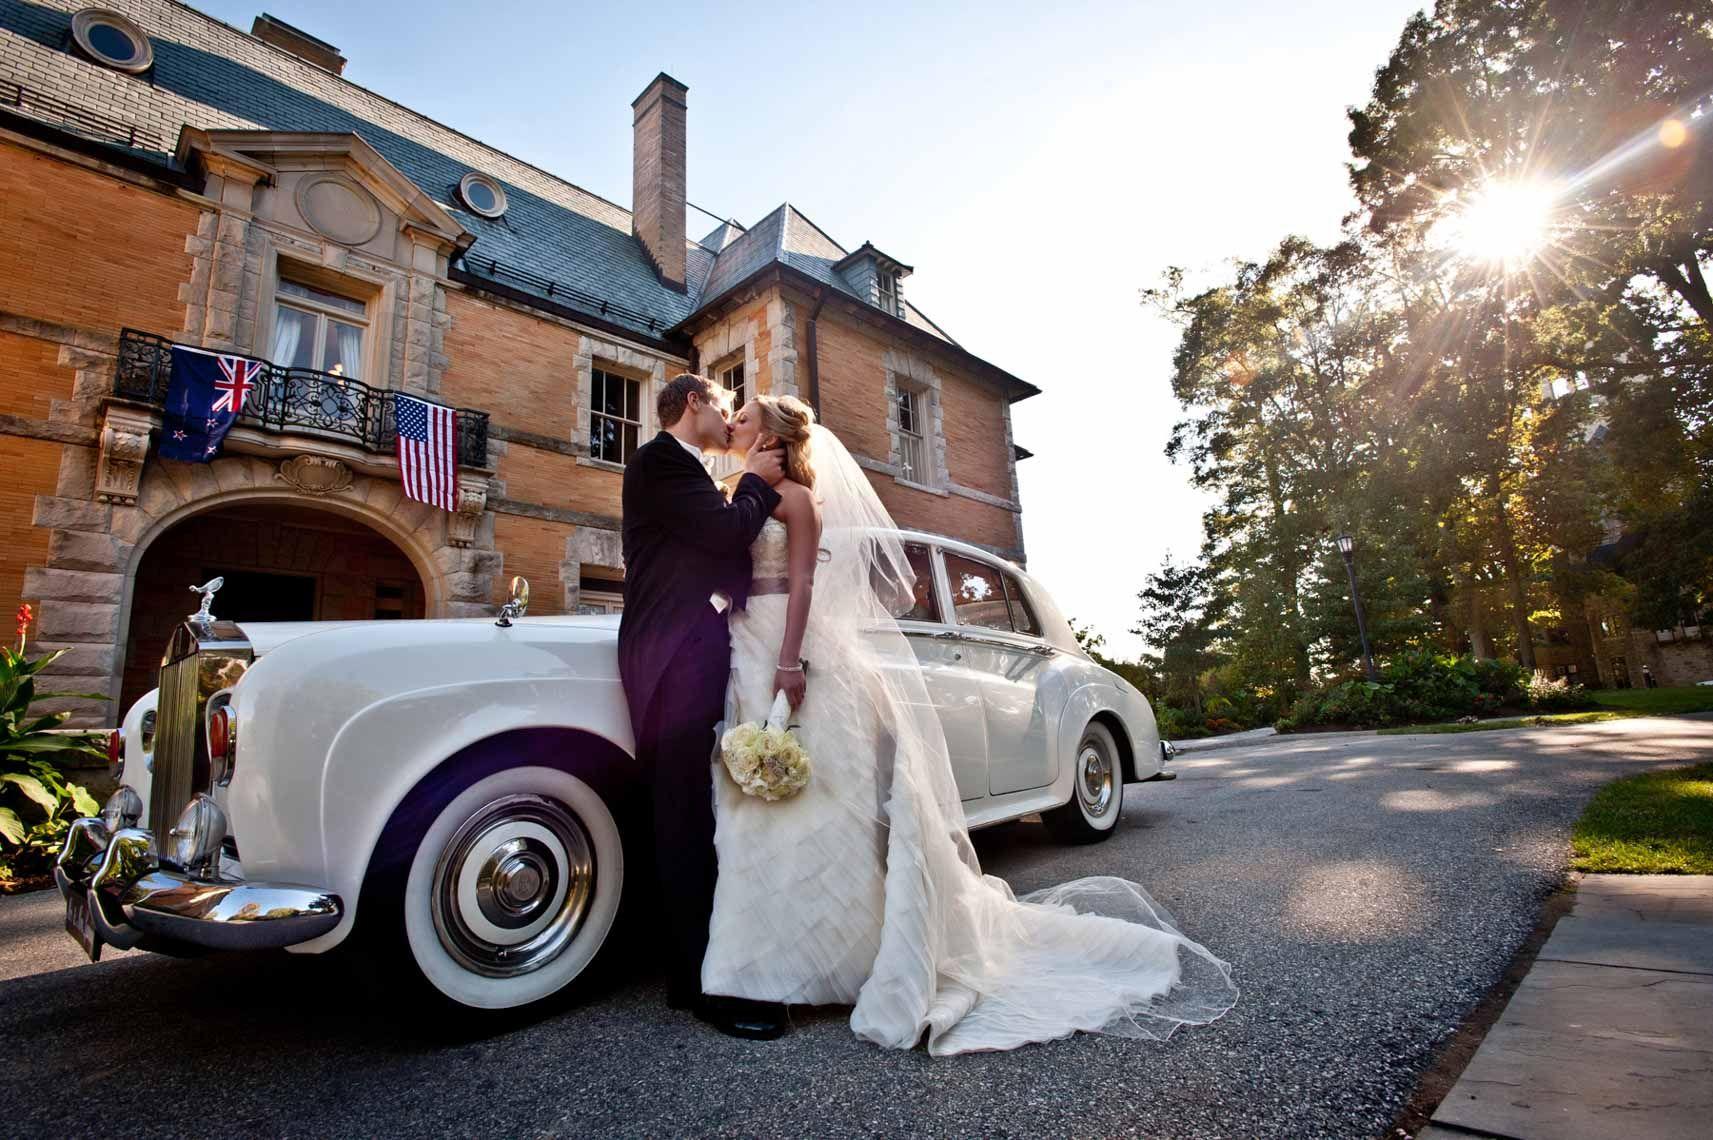 Kevin York Photography 6102872800 carinwood wedding